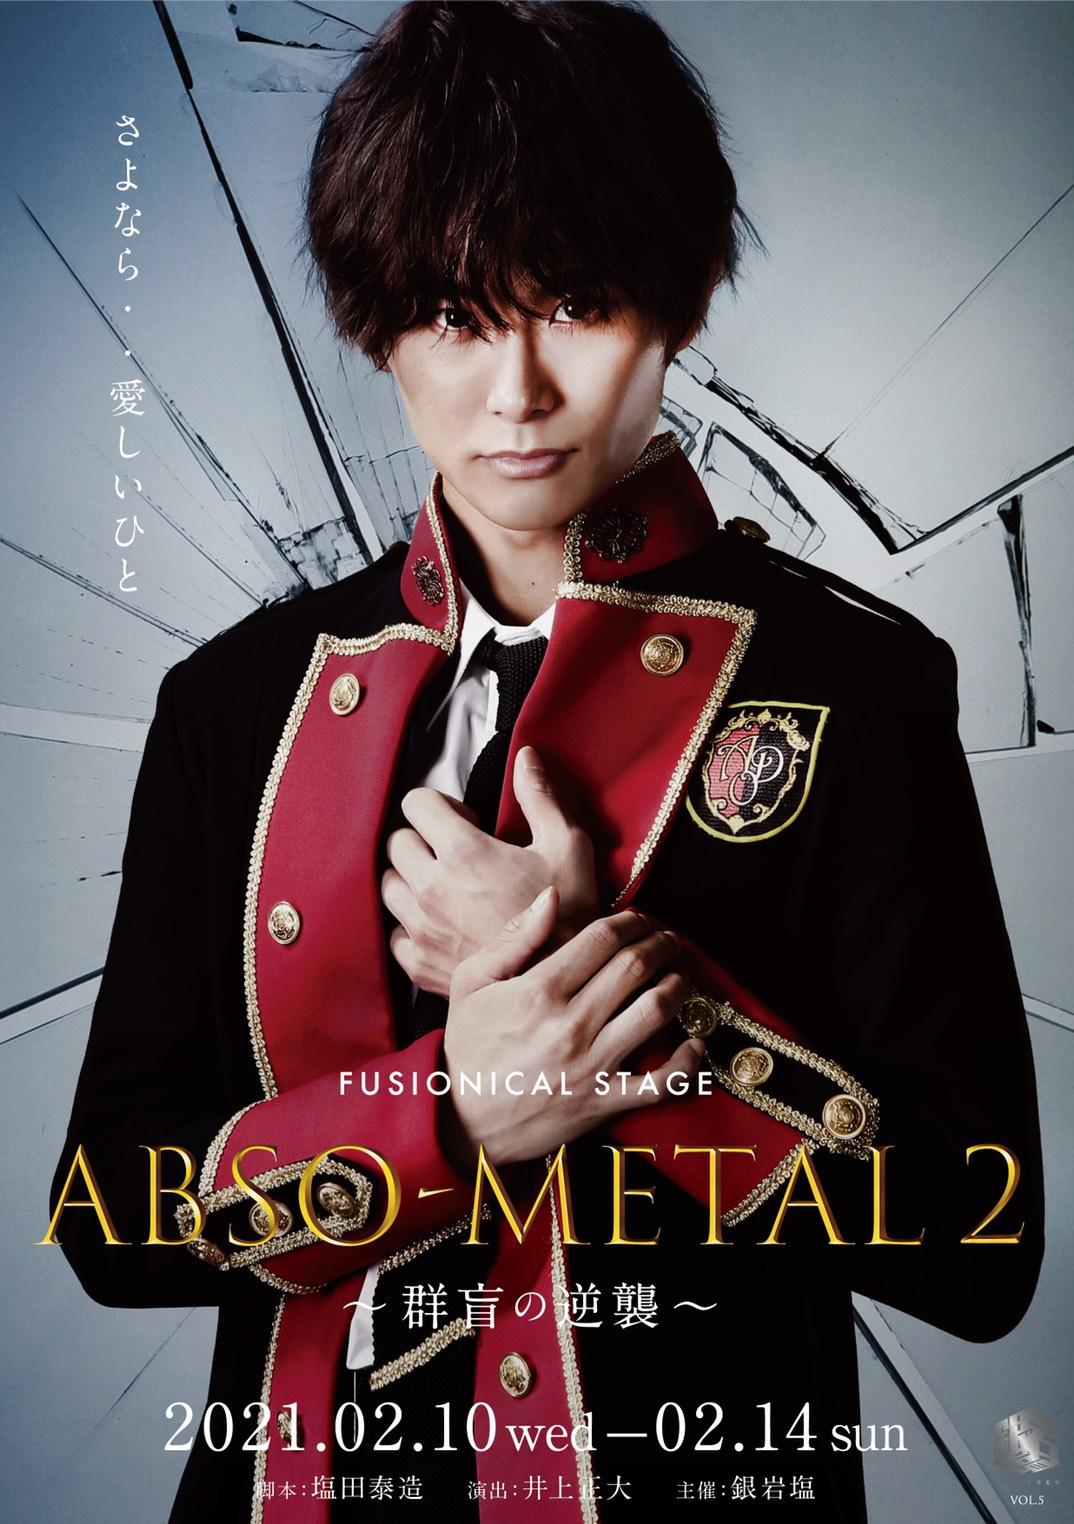 銀岩塩Vol.5 FUSIONICAL STAGE「ABSO-METAL2〜群盲の逆襲〜」